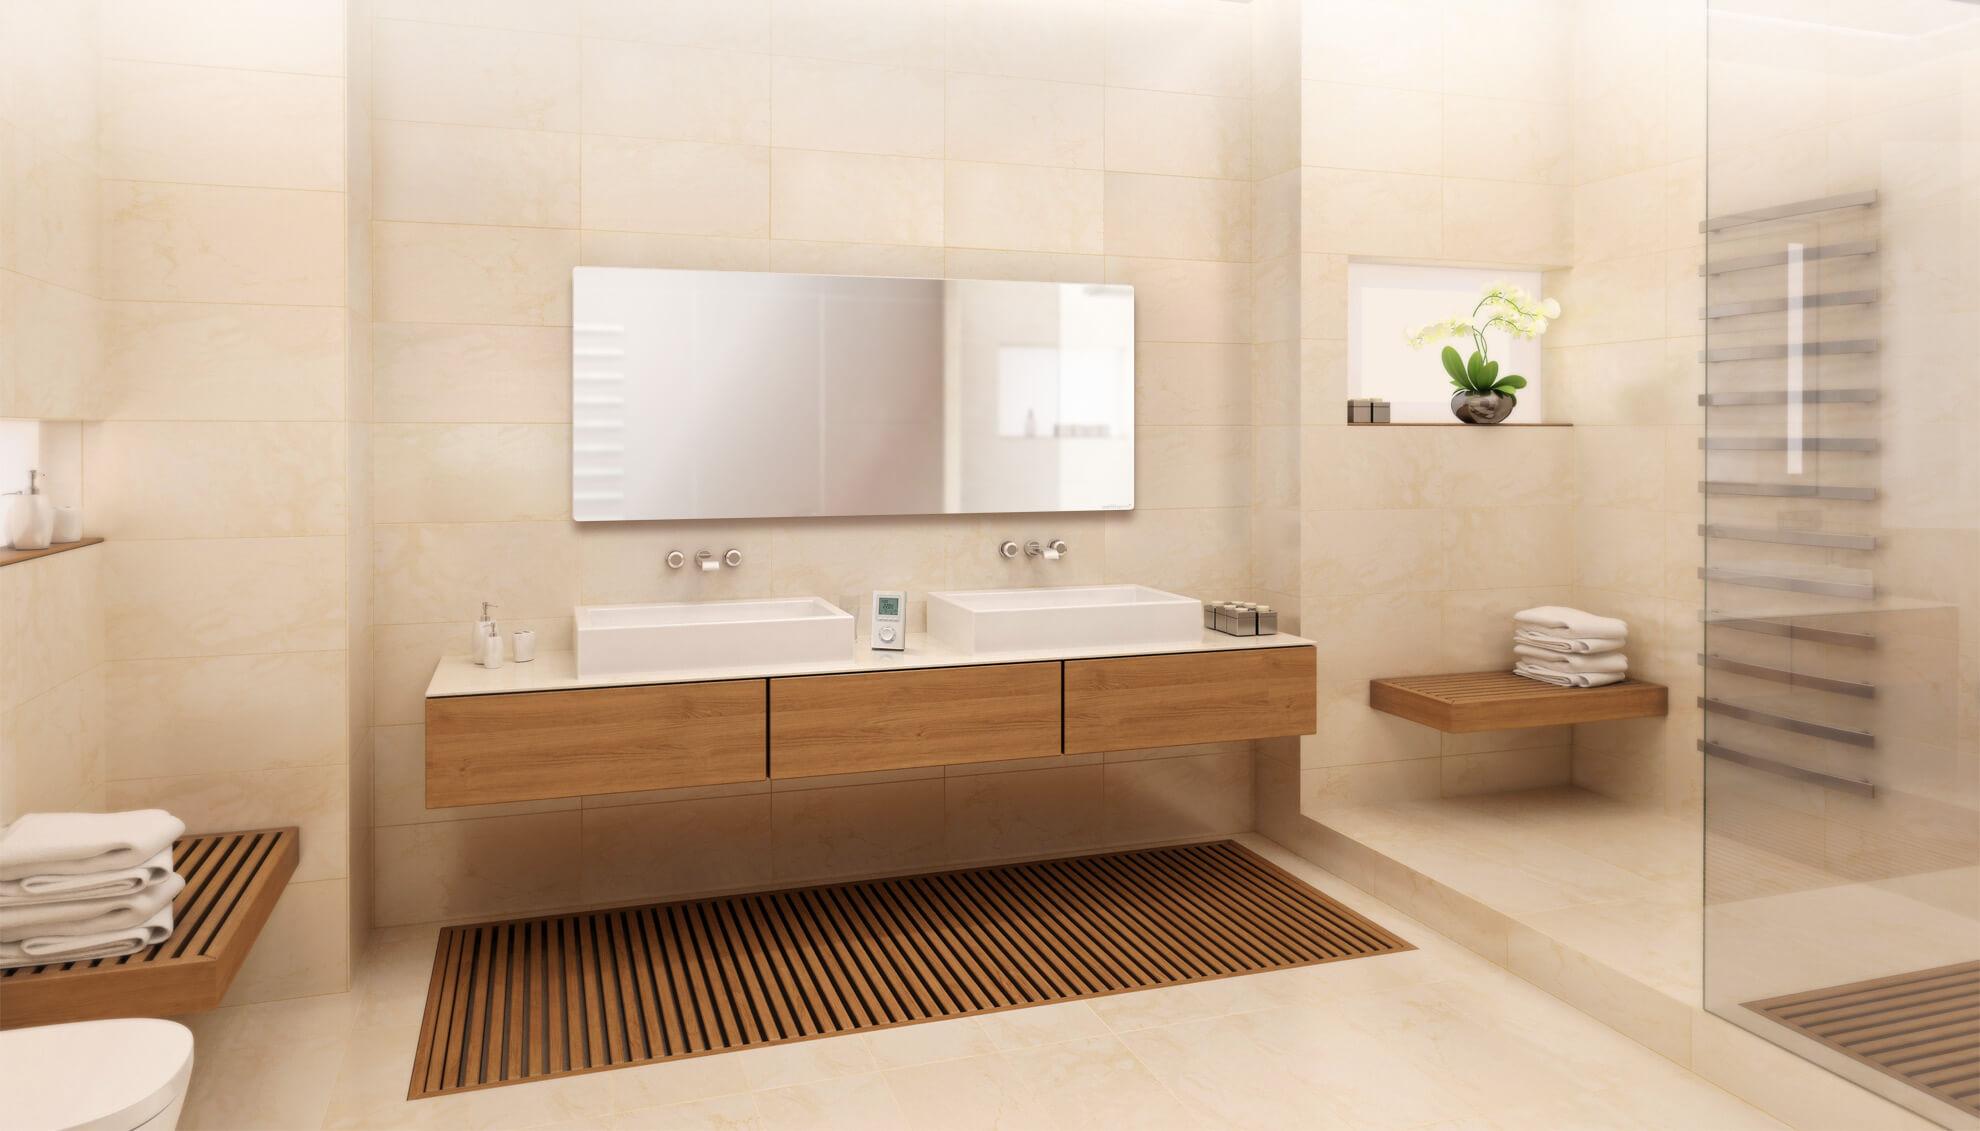 infrarotheizung kosten rechner welltherm. Black Bedroom Furniture Sets. Home Design Ideas